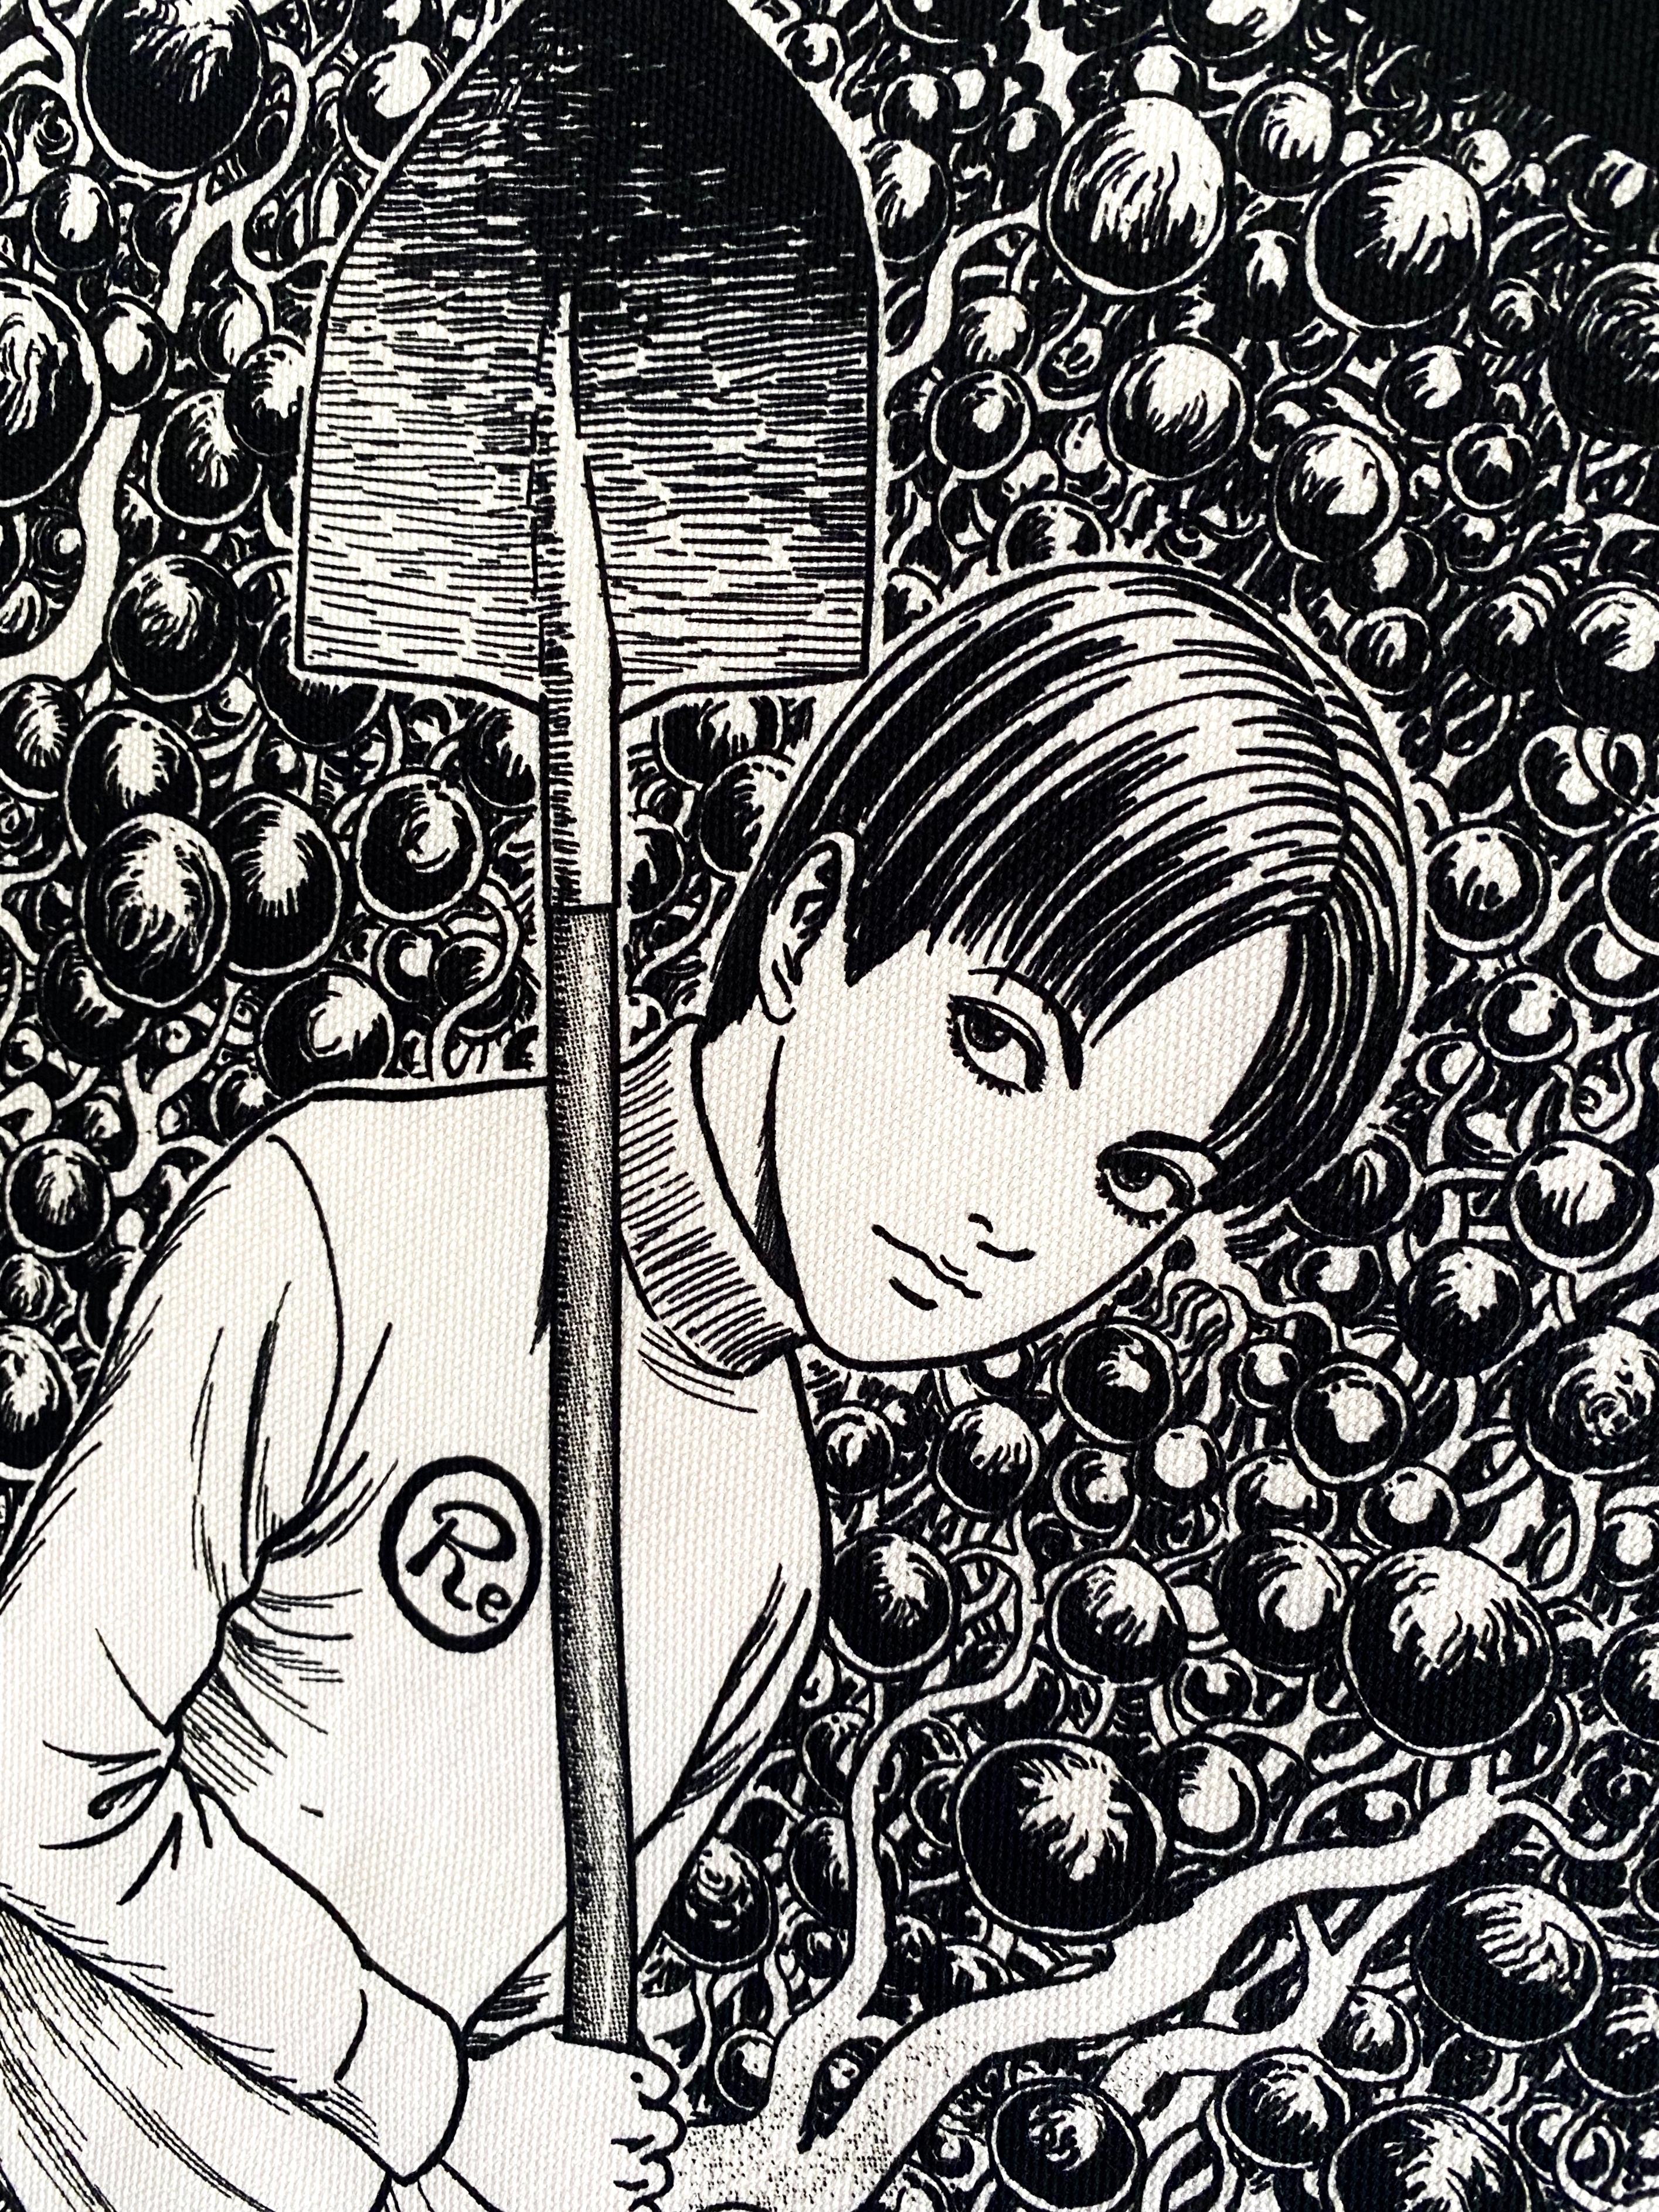 〈伊藤 潤二 描き下ろし〉血玉樹園-押切異談- タペストリー(両面プリント)